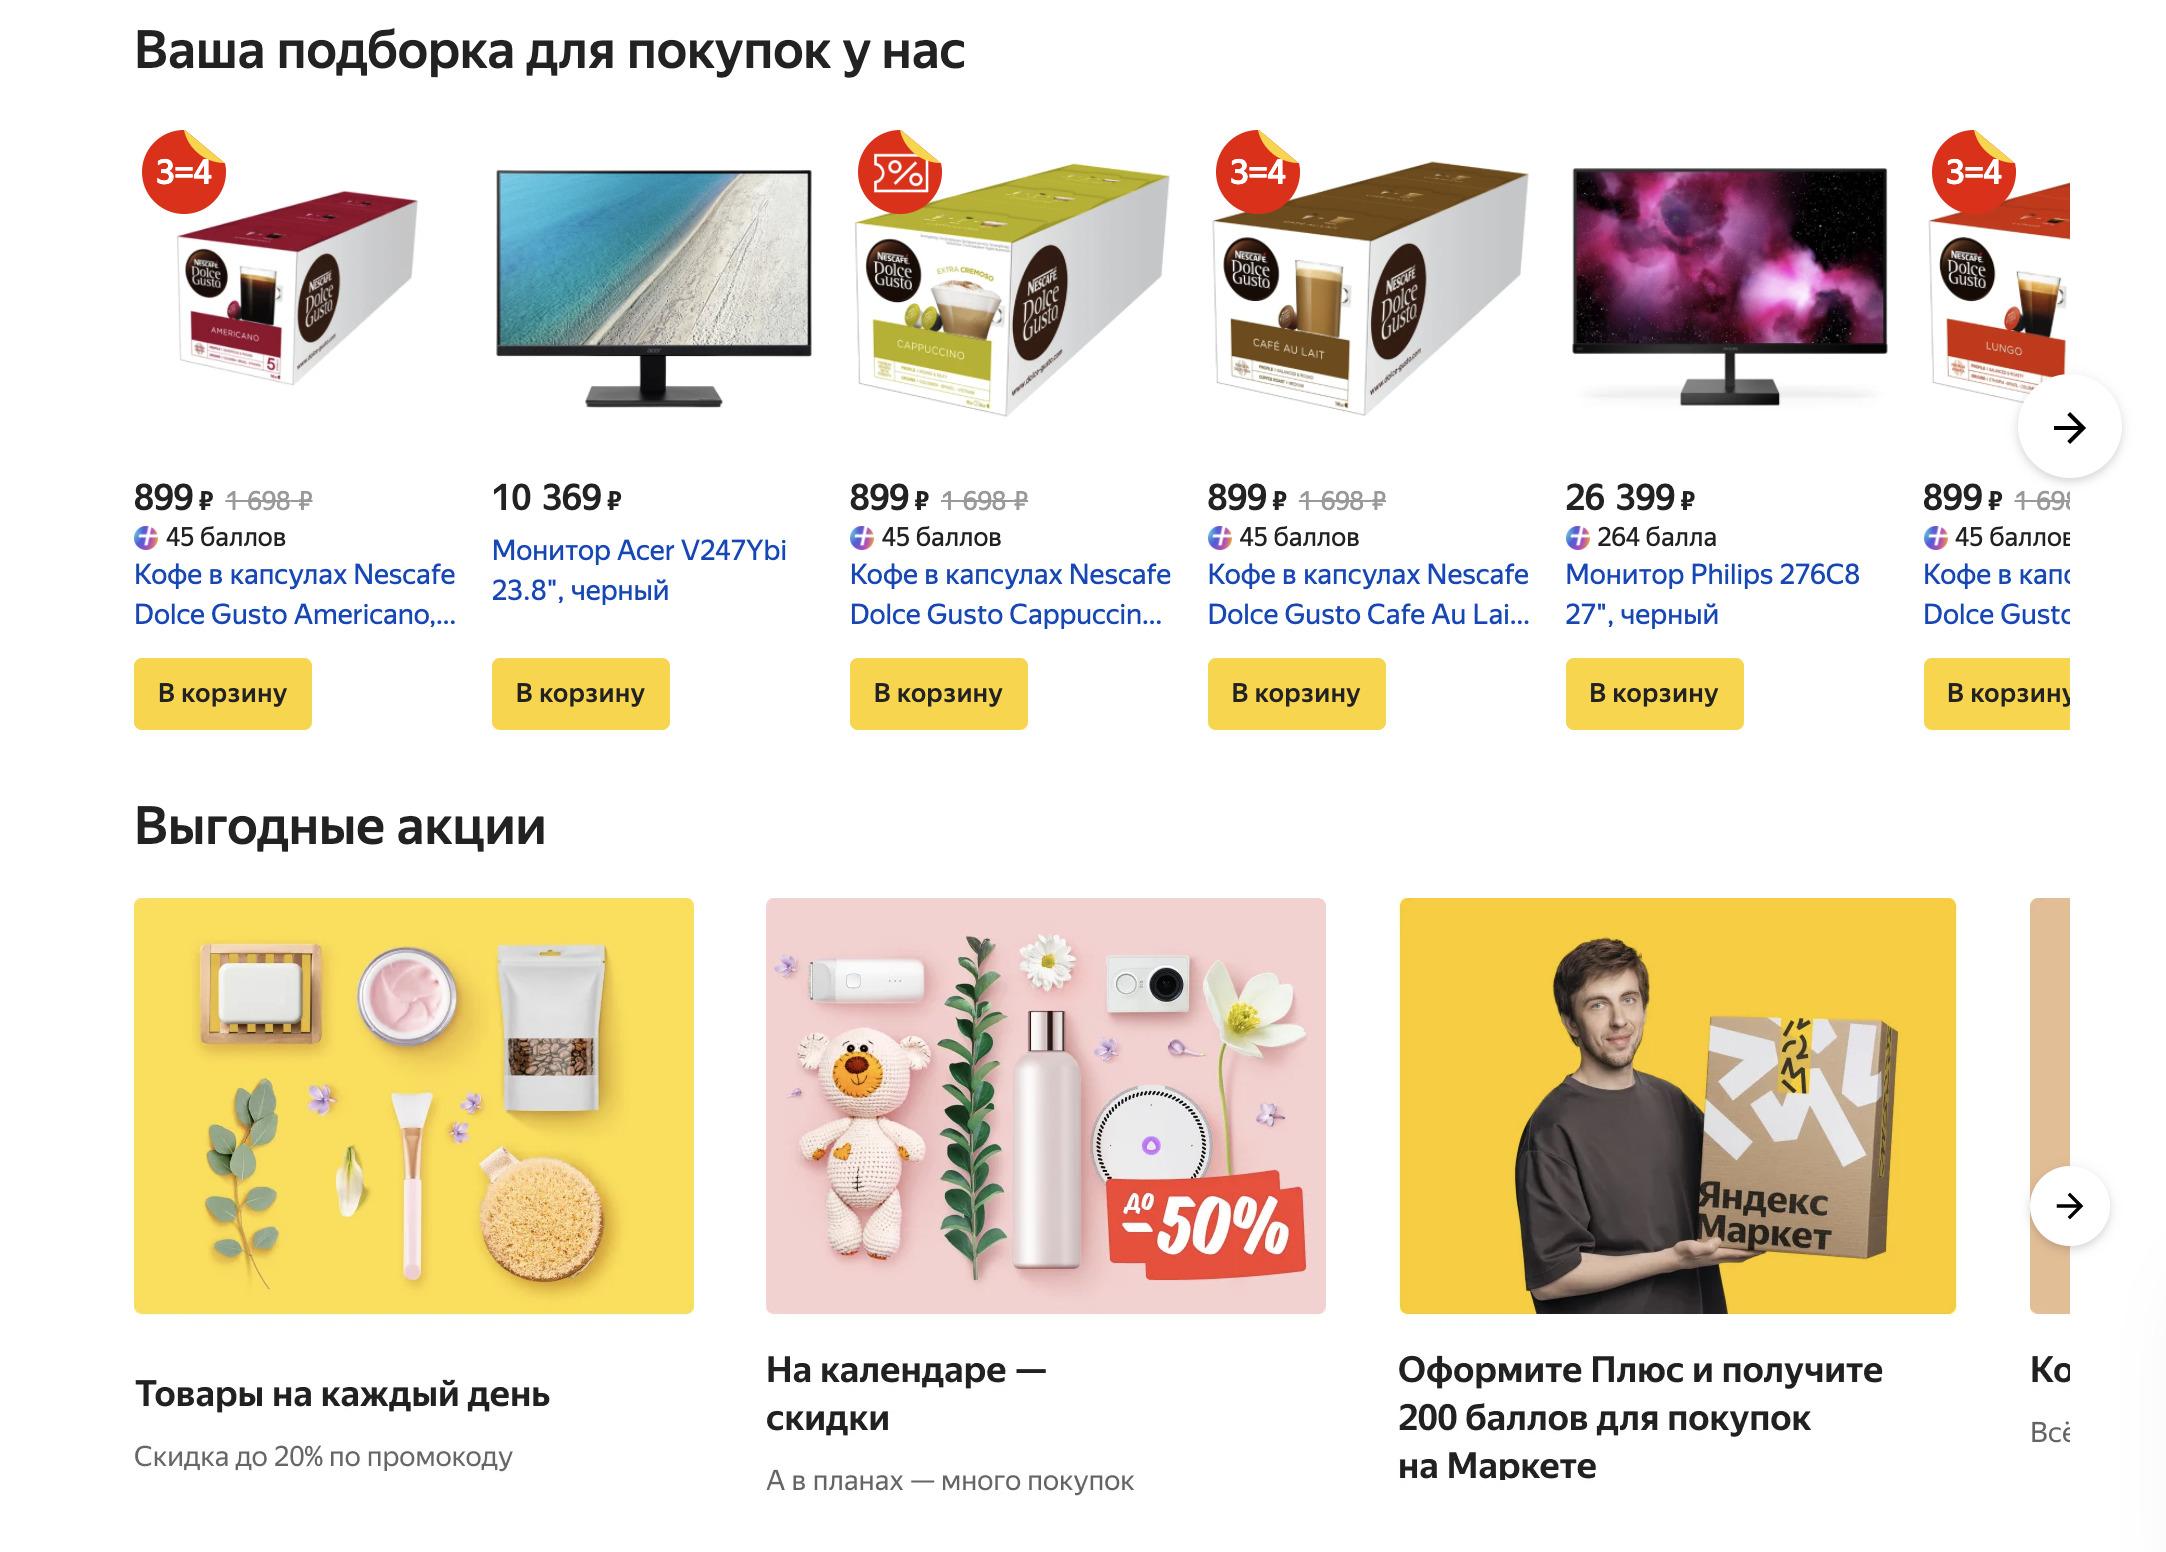 Доставка из Яндекс.Маркет в Республику Башкортостан, сроки, пункты выдачи, каталог